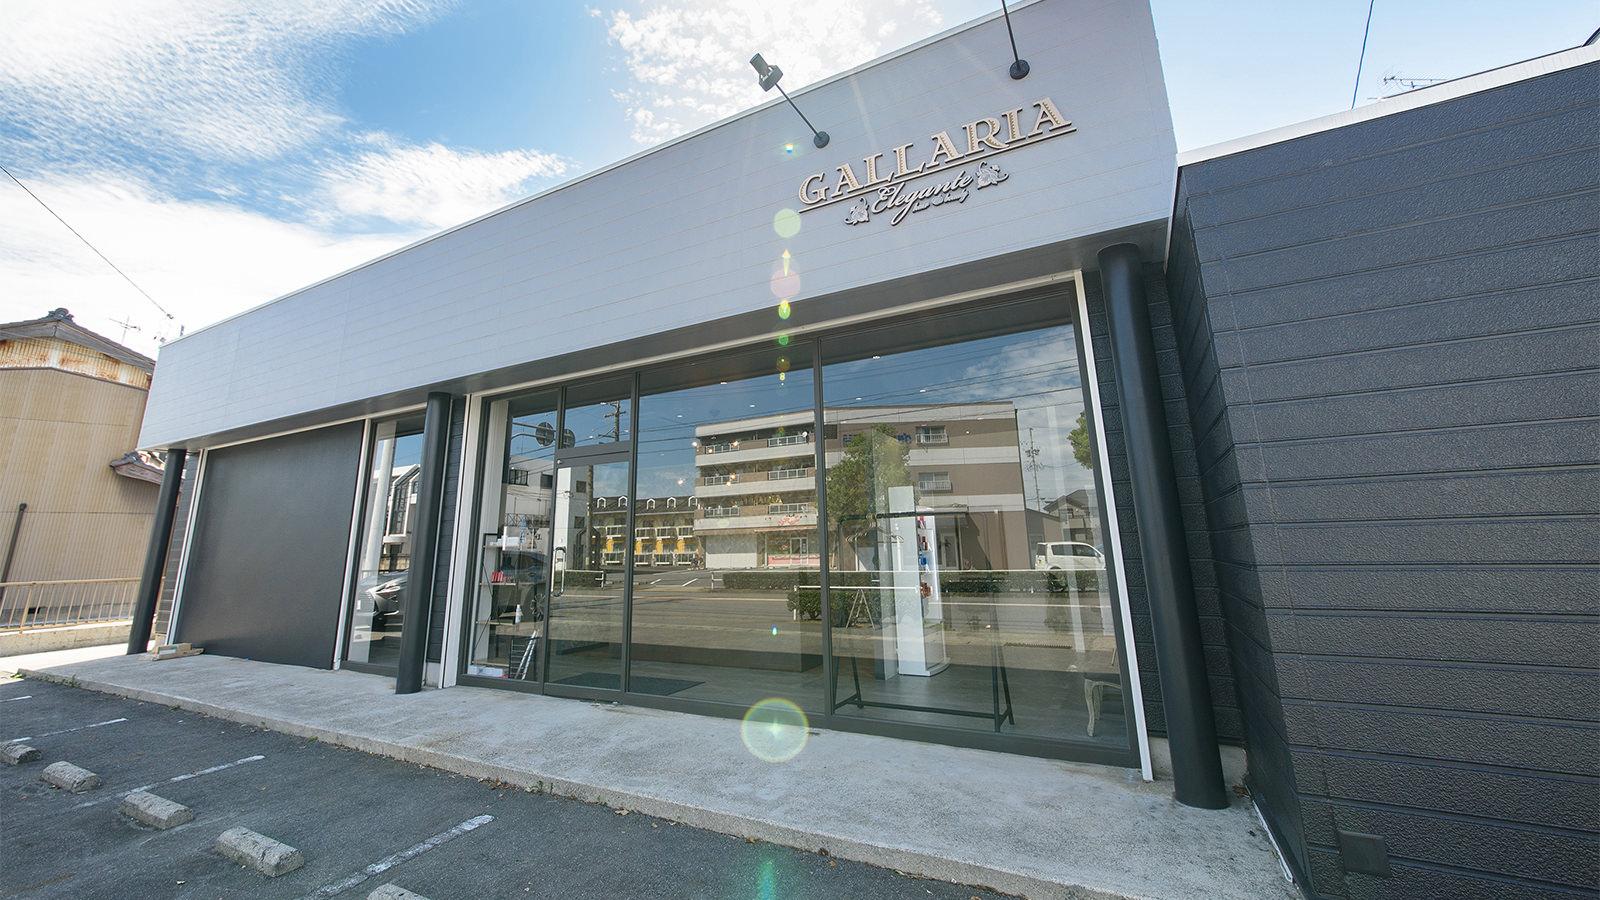 ガレリアエレガンテ 西尾店